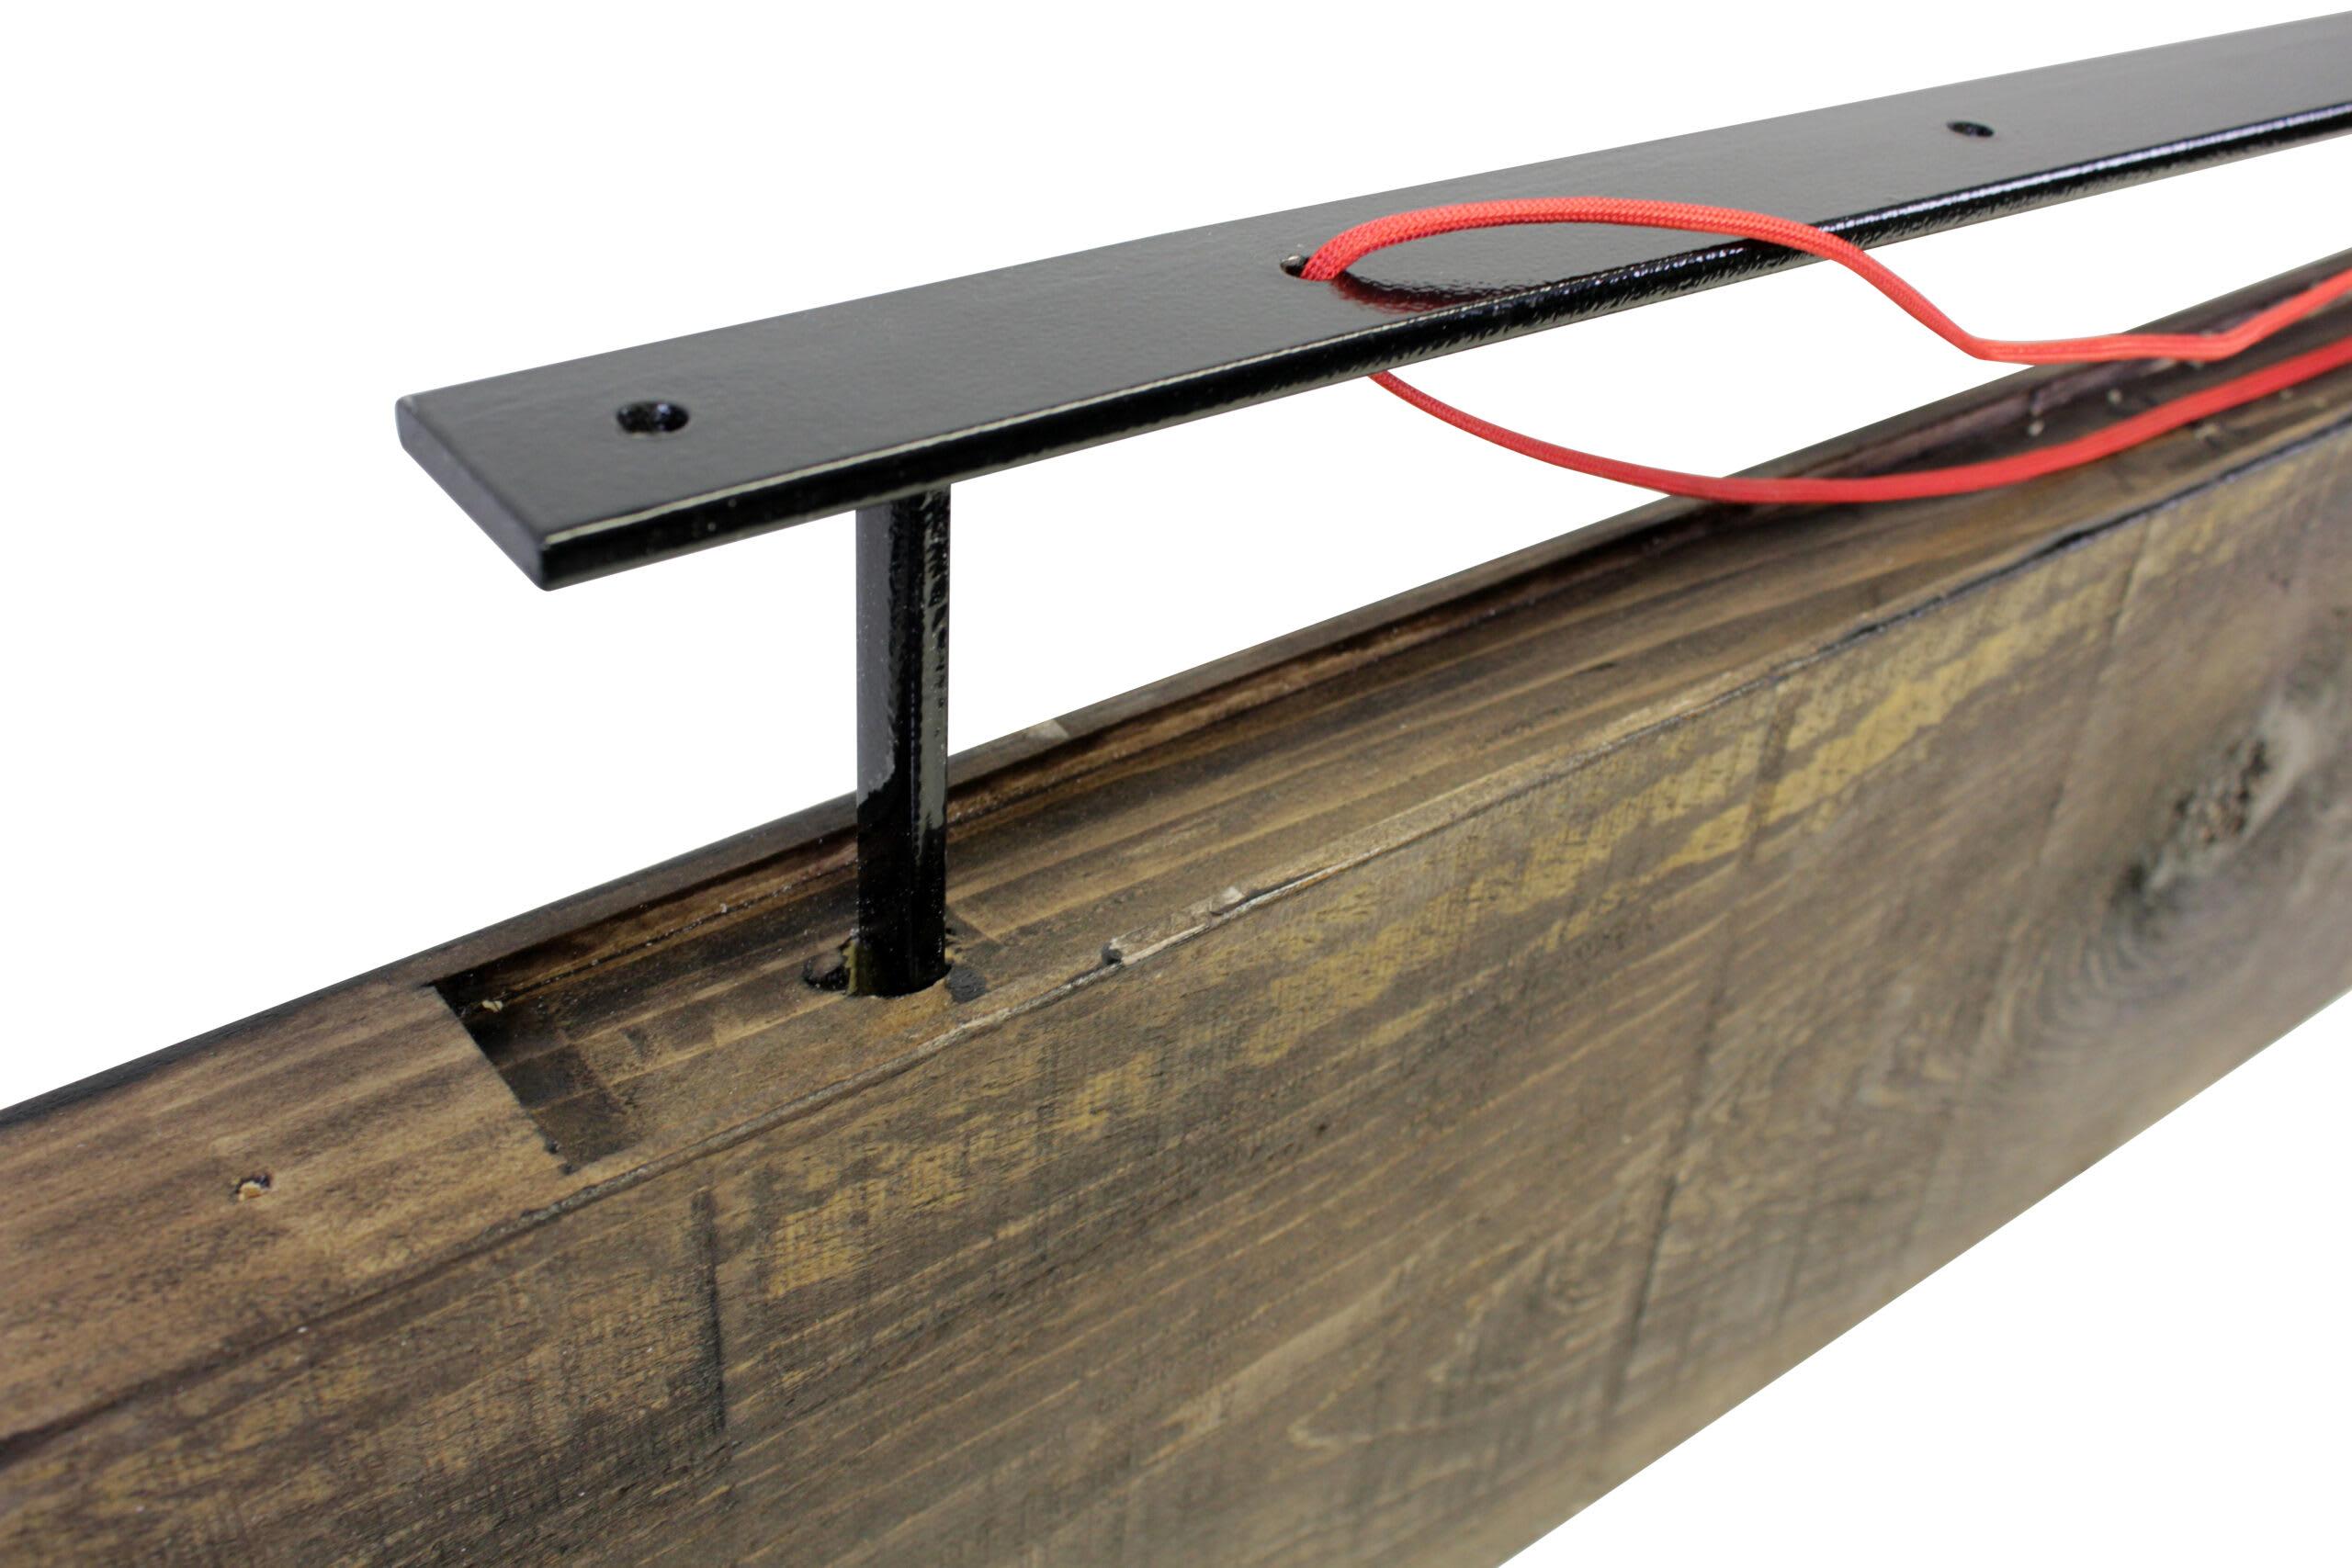 Dark Wood Shelf With Floating Shelf Dowel Brackets